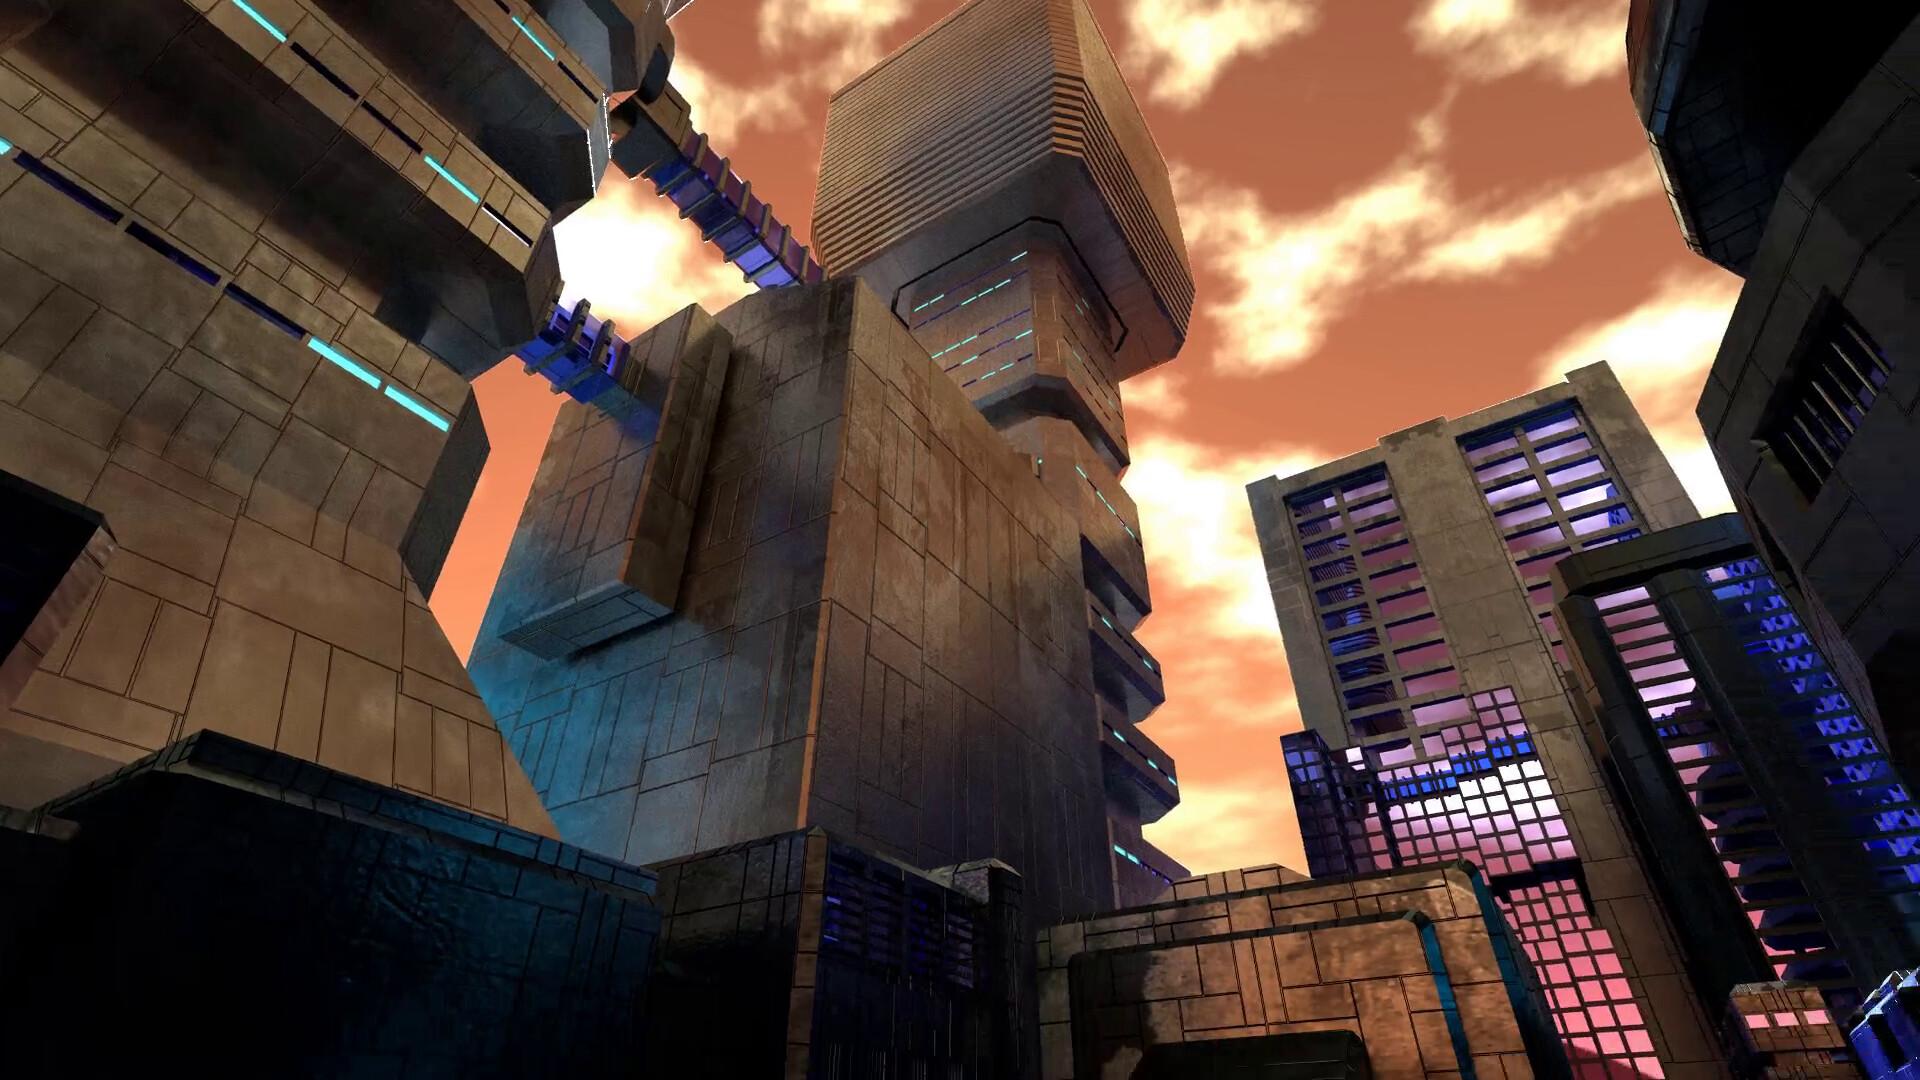 Joseph buehrer screenshot 01